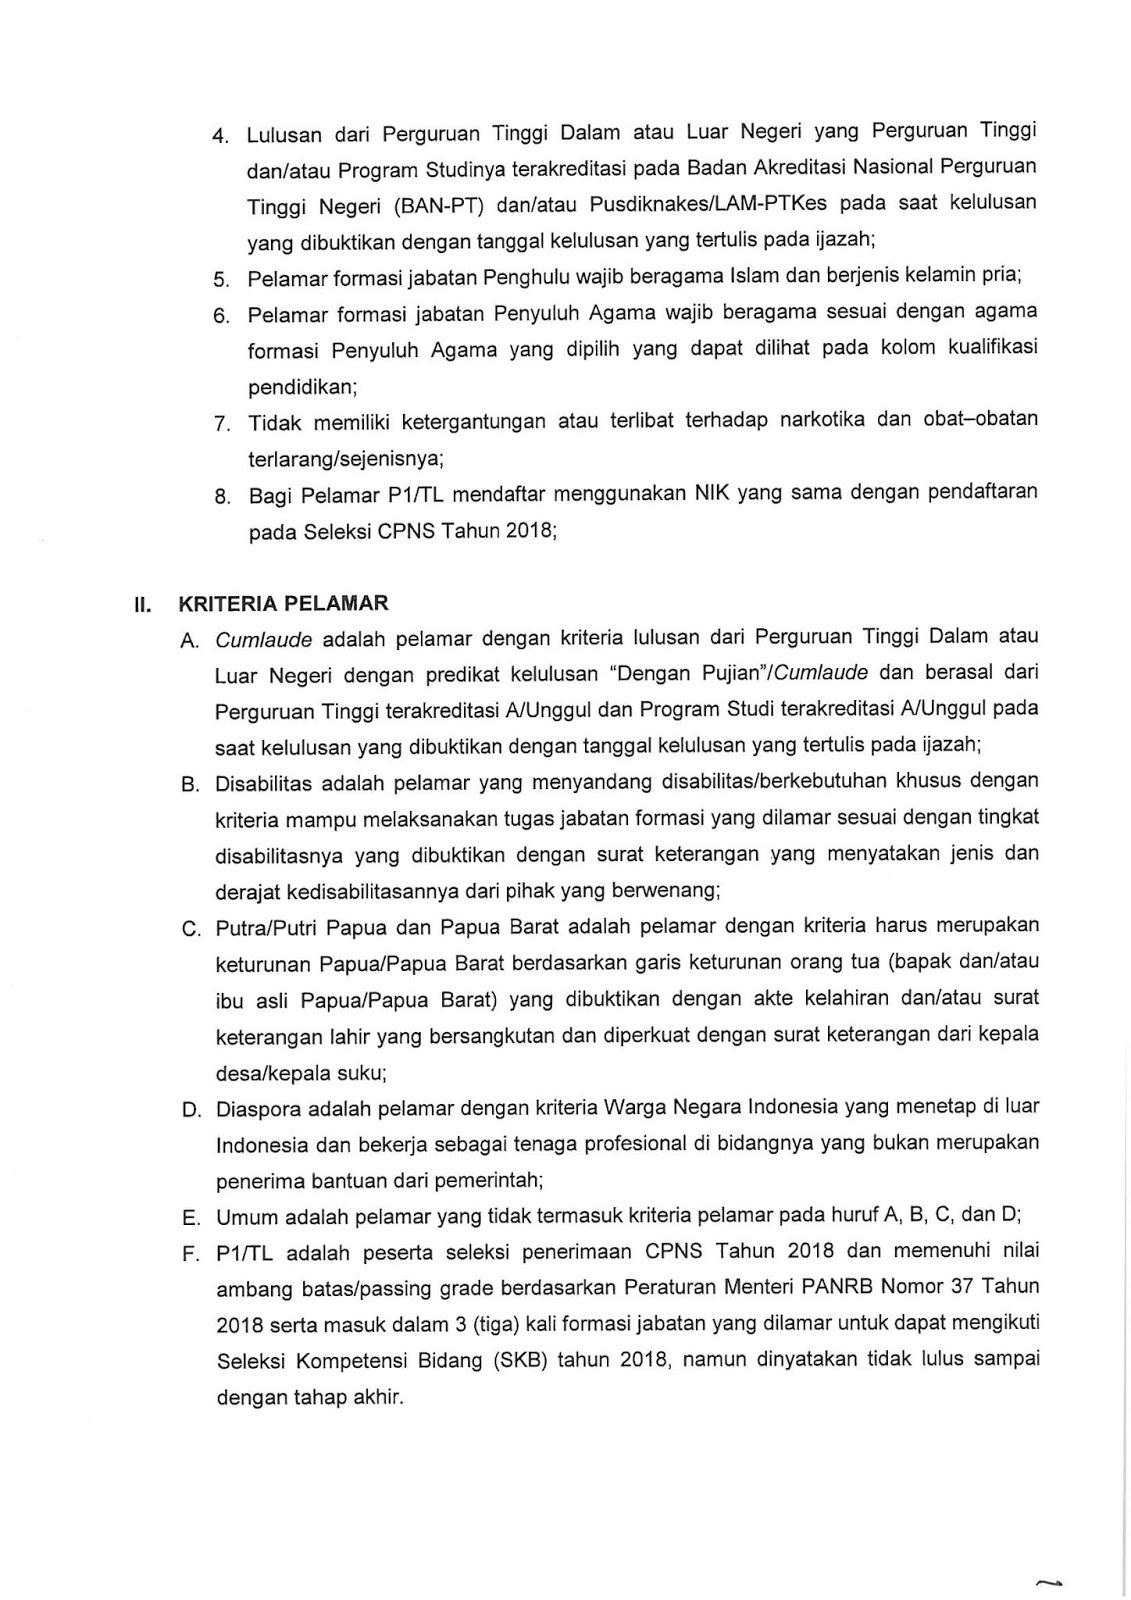 Lowongan CPNS Kementerian Agama Tahun Anggaran 2019 [5815 Formasi]